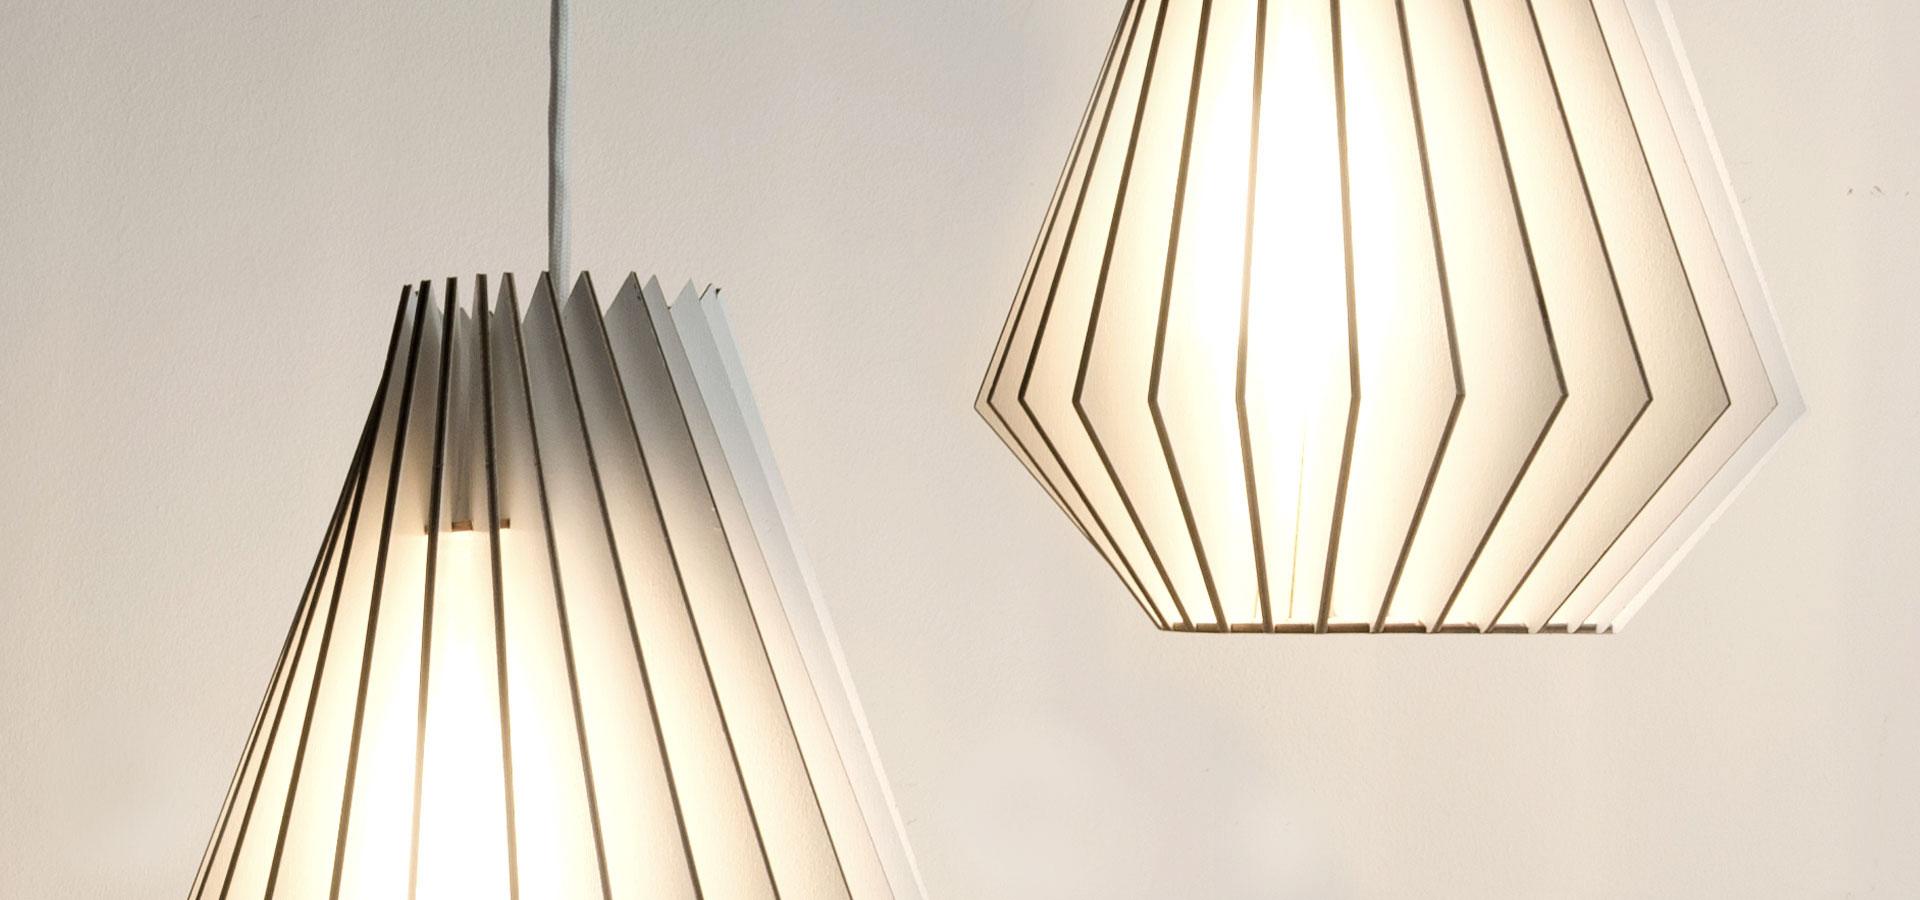 IUMI DESIGN LAMPEN AUS HOLZ HEKTOR–WEISS 1920×900 2